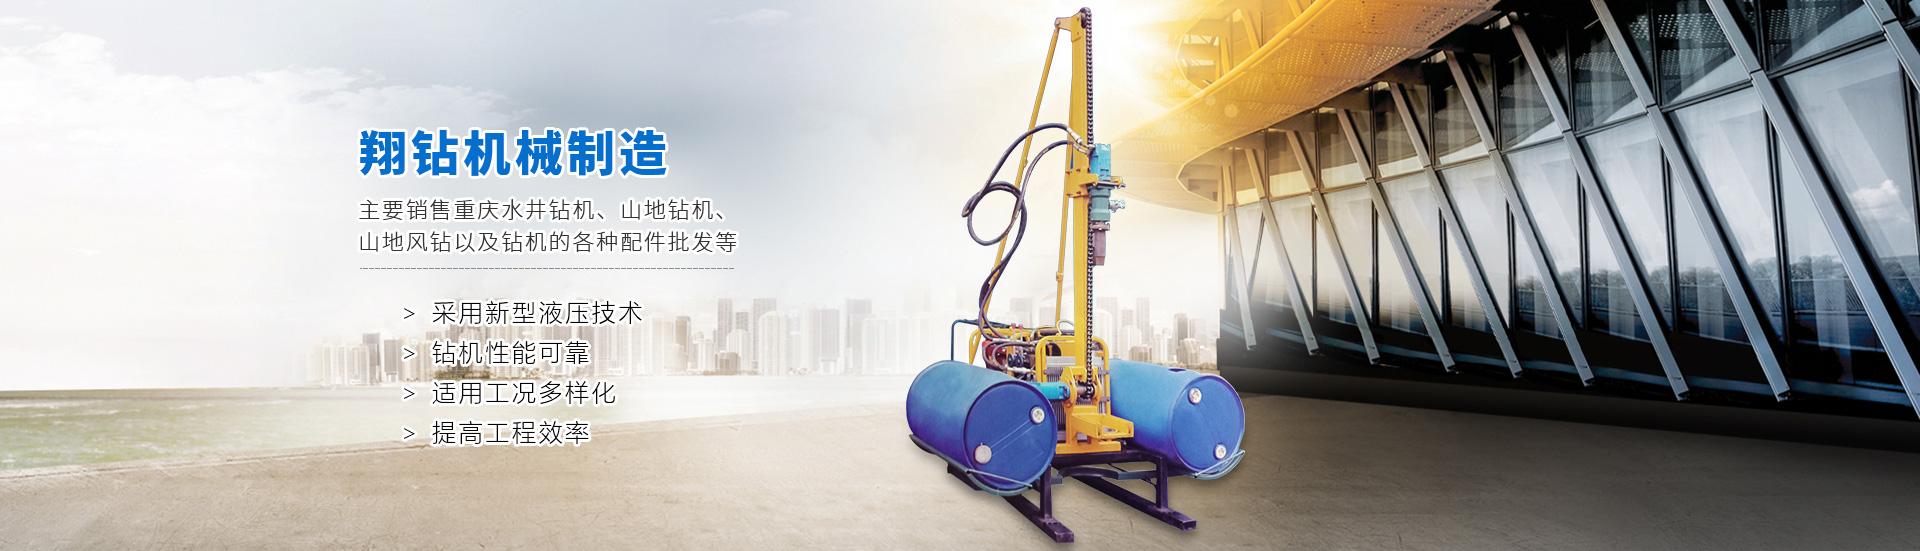 重庆水井钻机